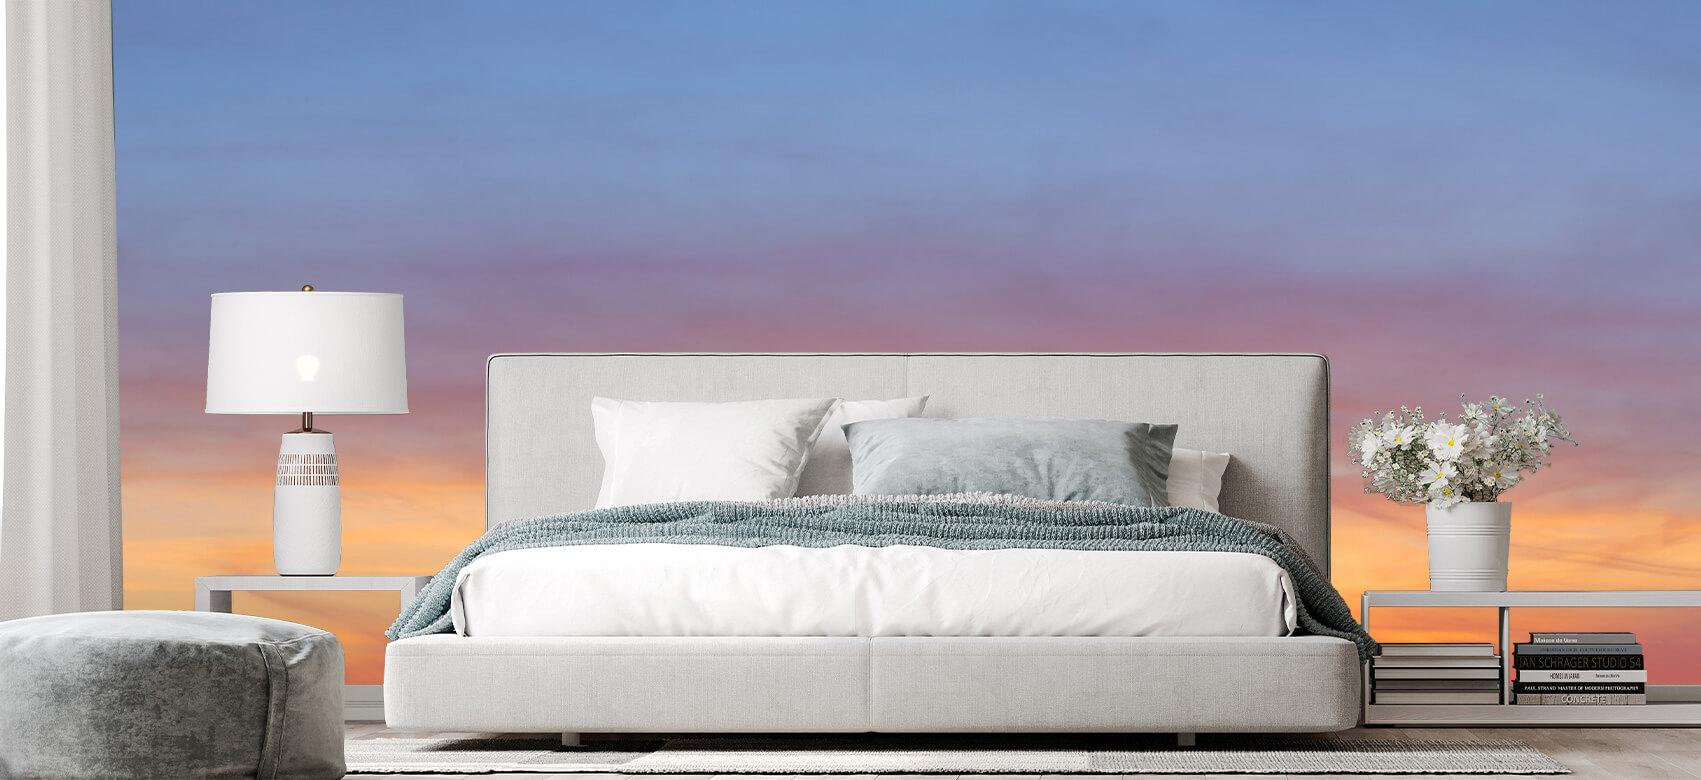 wallpaper Kleurrijke lucht 2